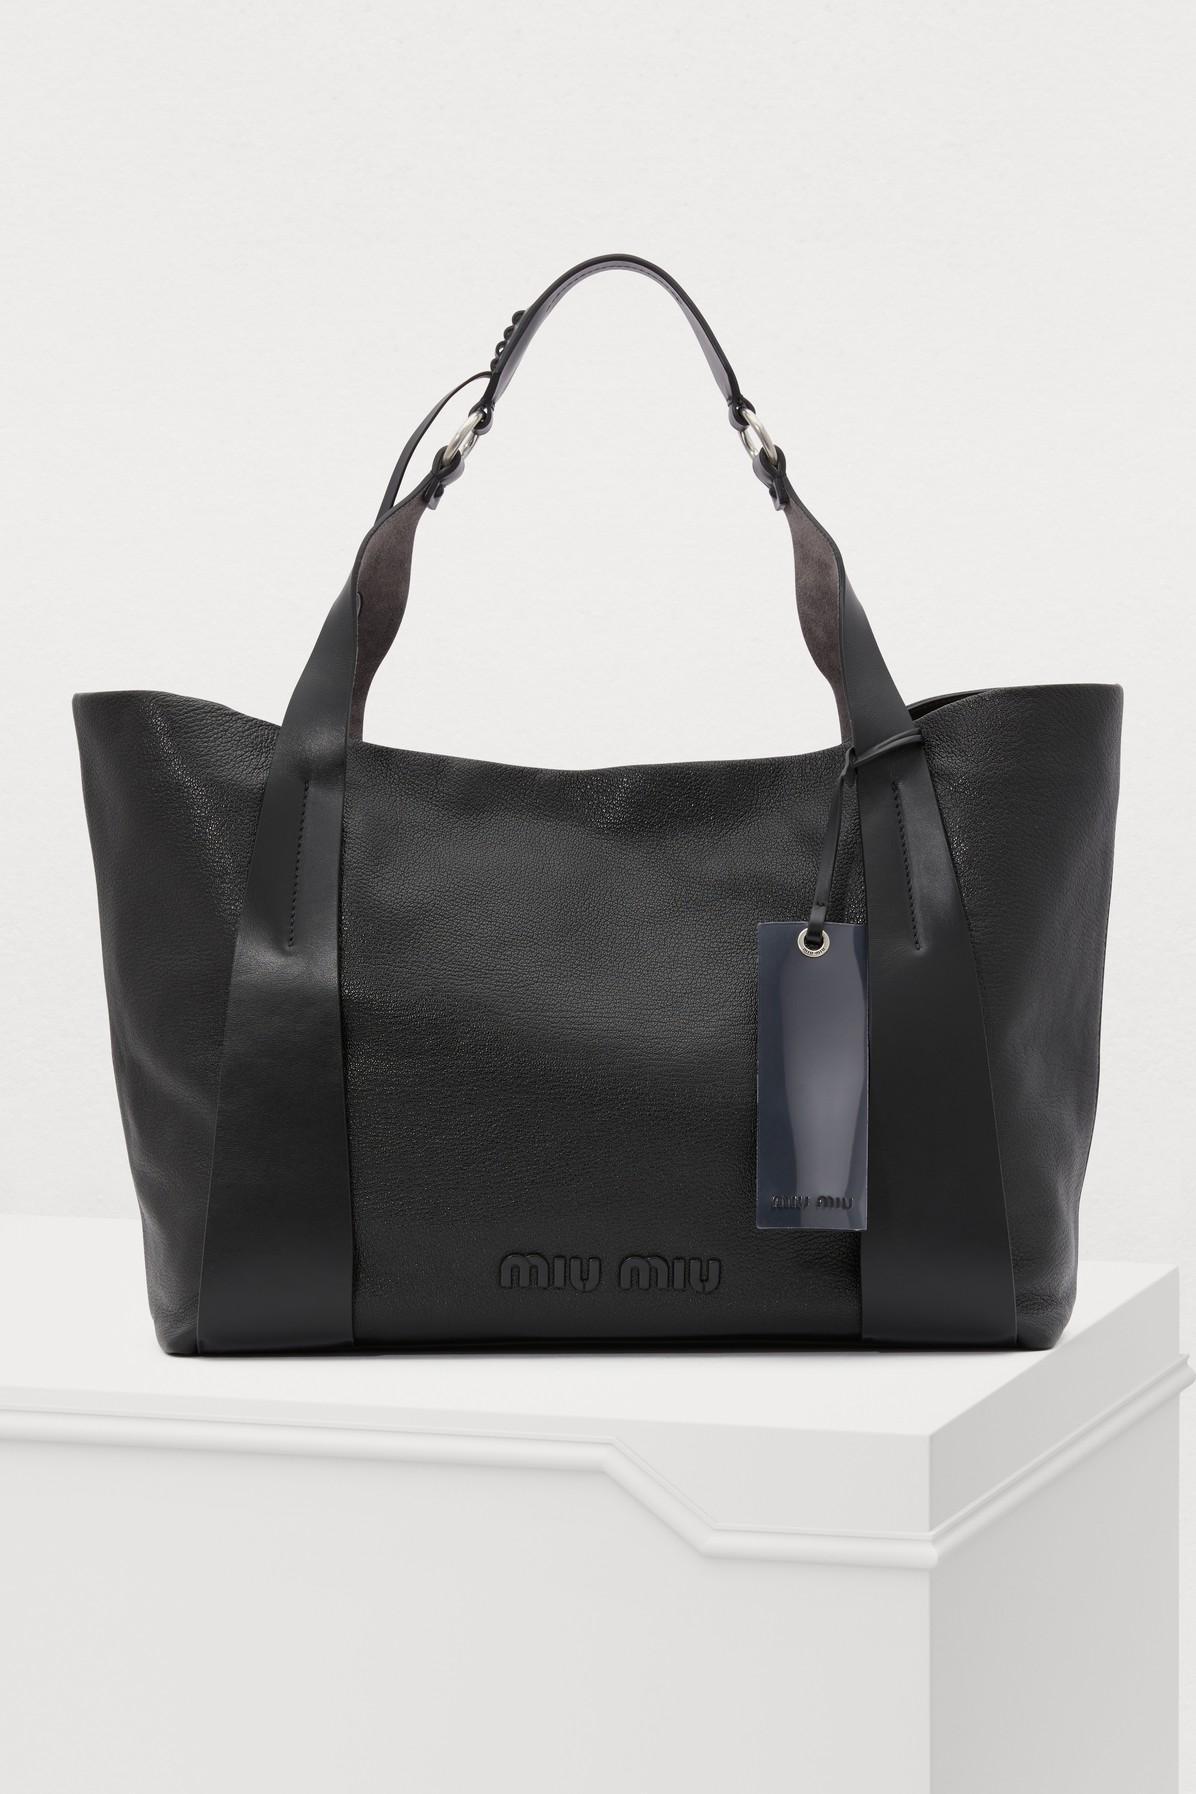 22cc01ef4136 Miu Miu. Women s Black Leather Gm Tote Bag.  2